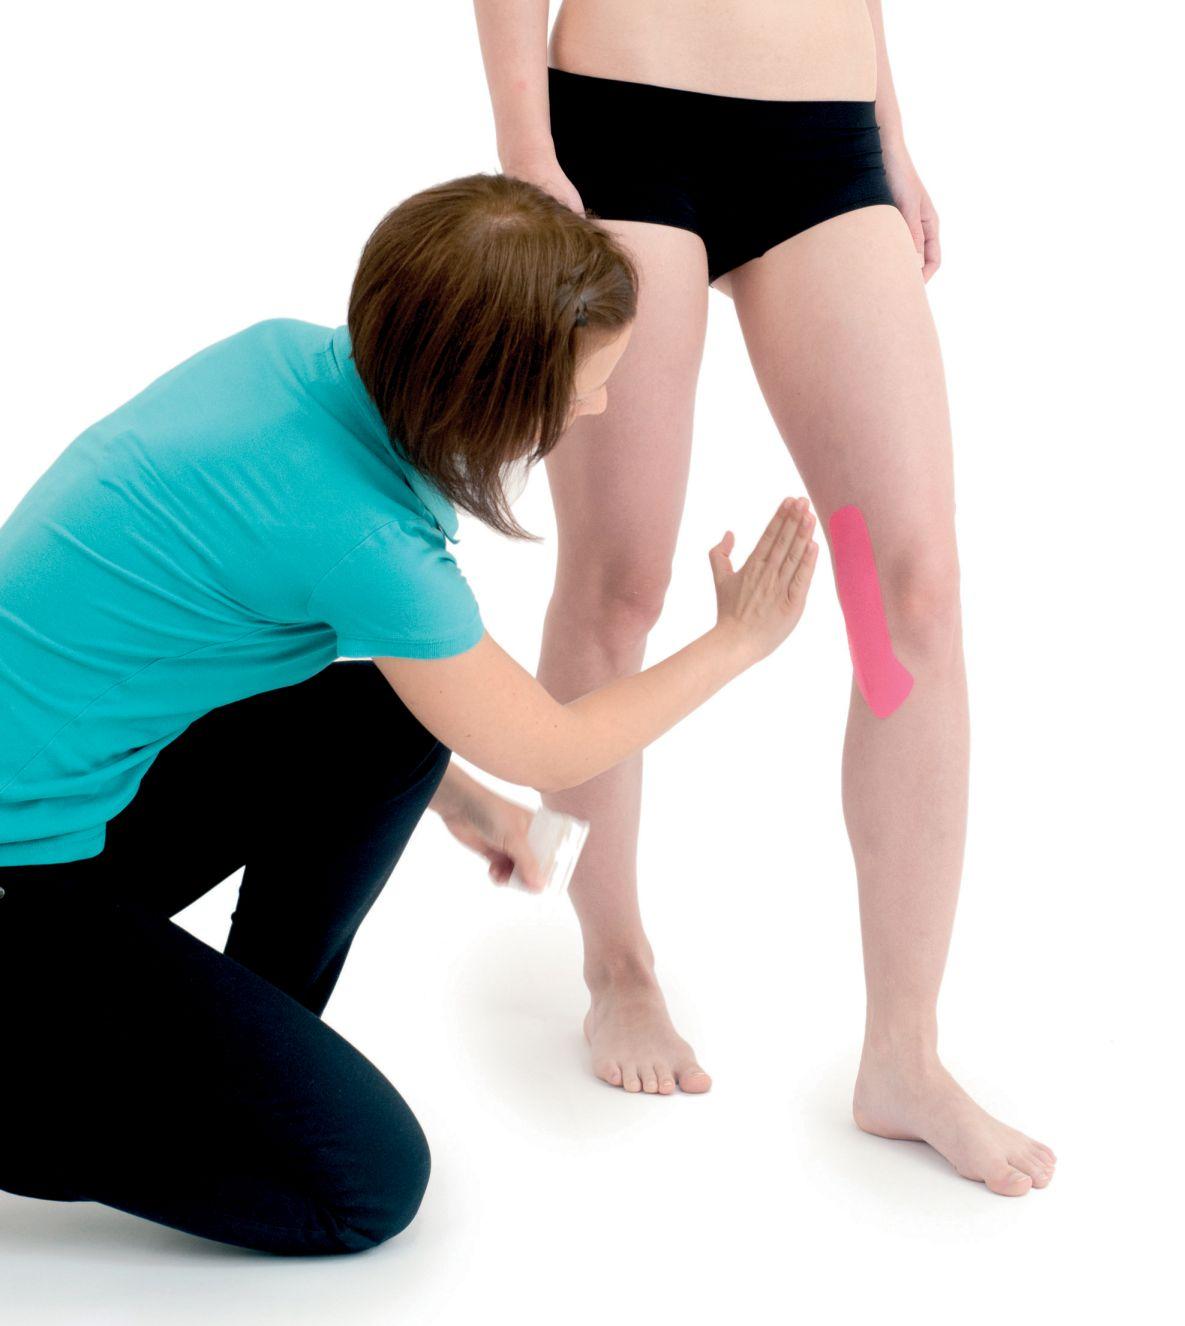 Tejpování kolene side-to-side 1